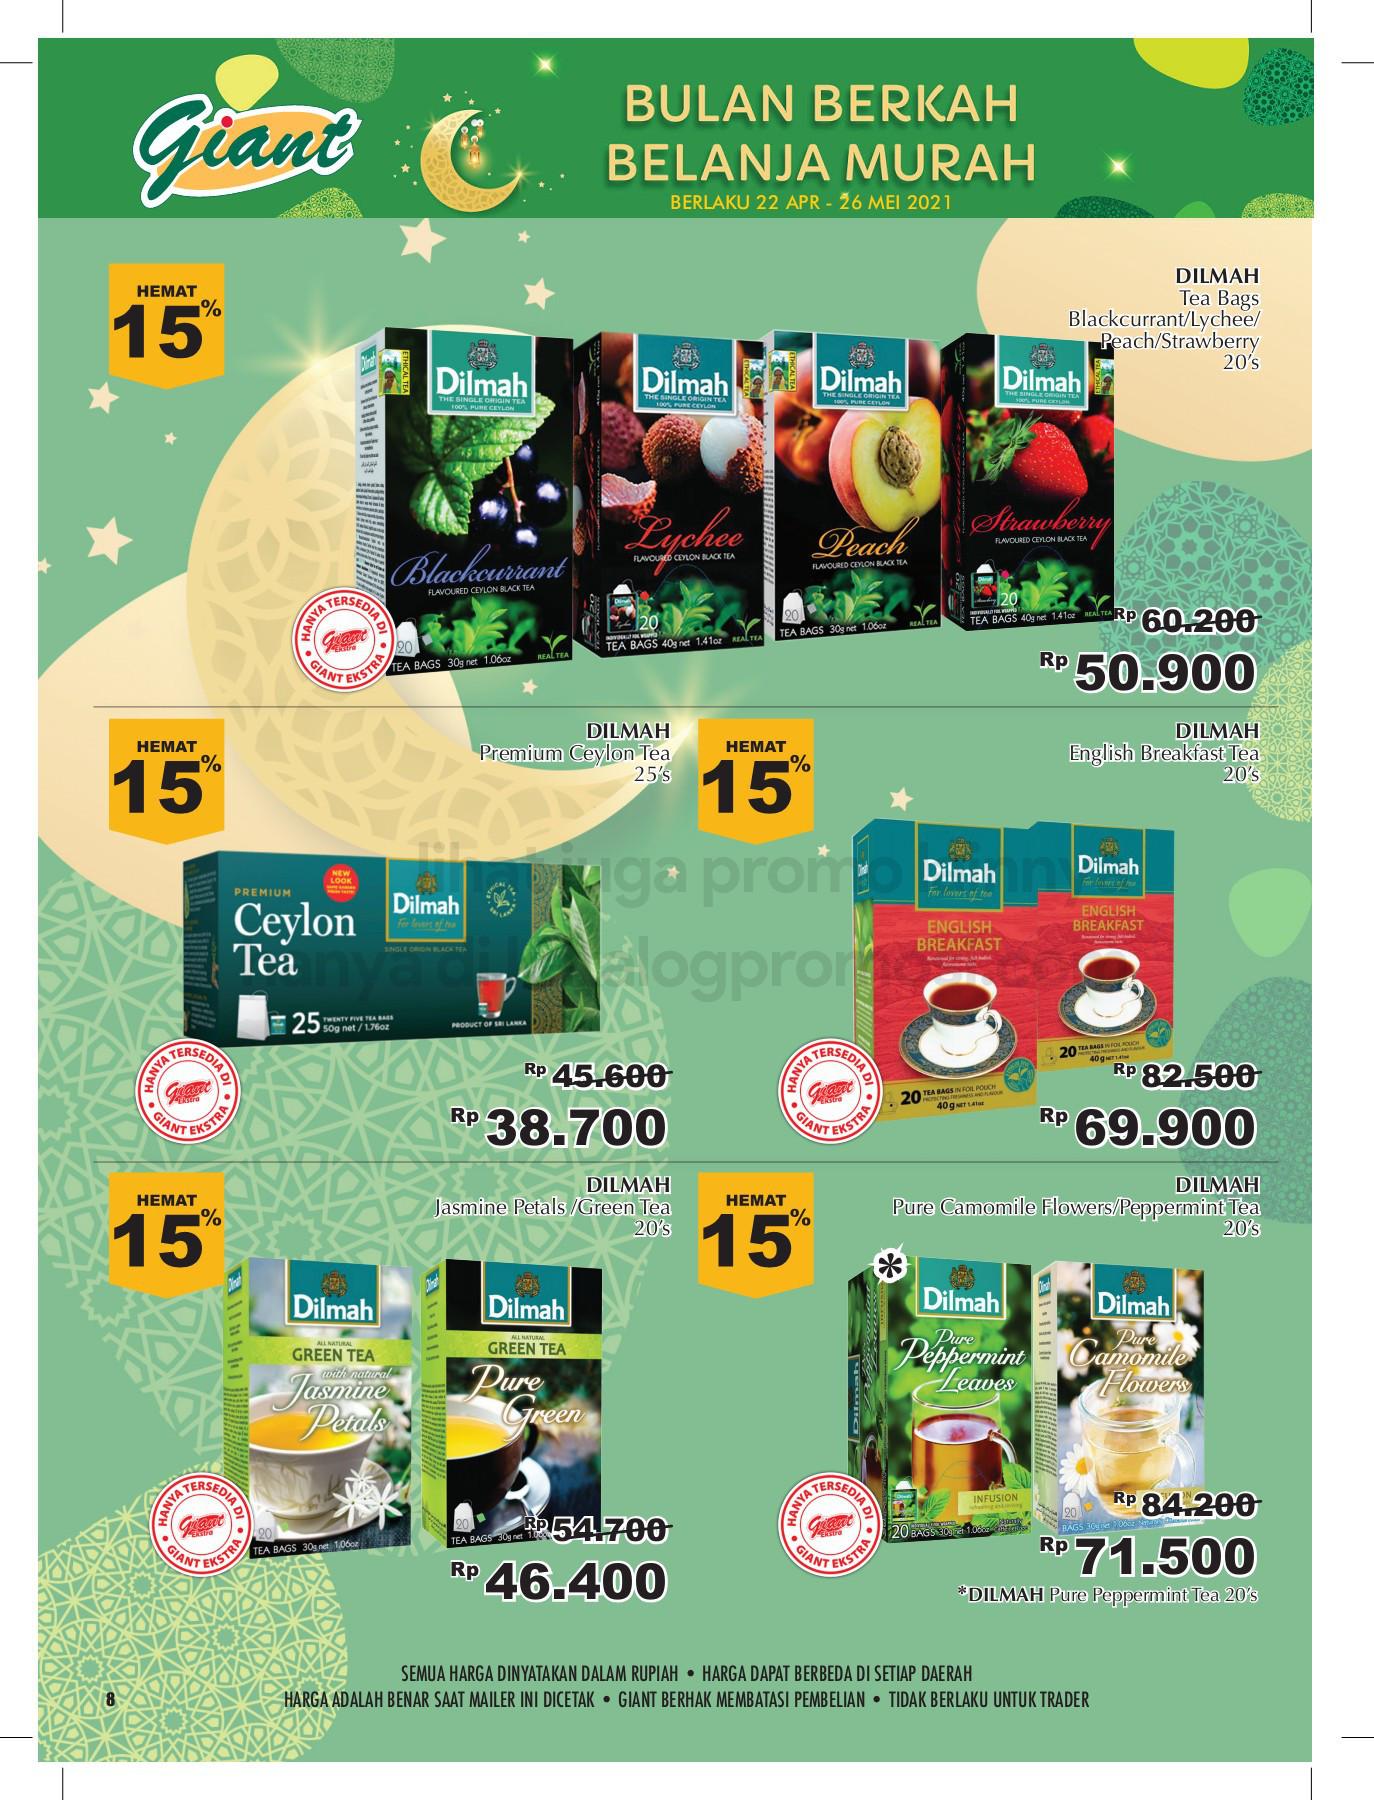 Katalog Promo Giant Terbaru periode 22 April - 26 Mei 2021